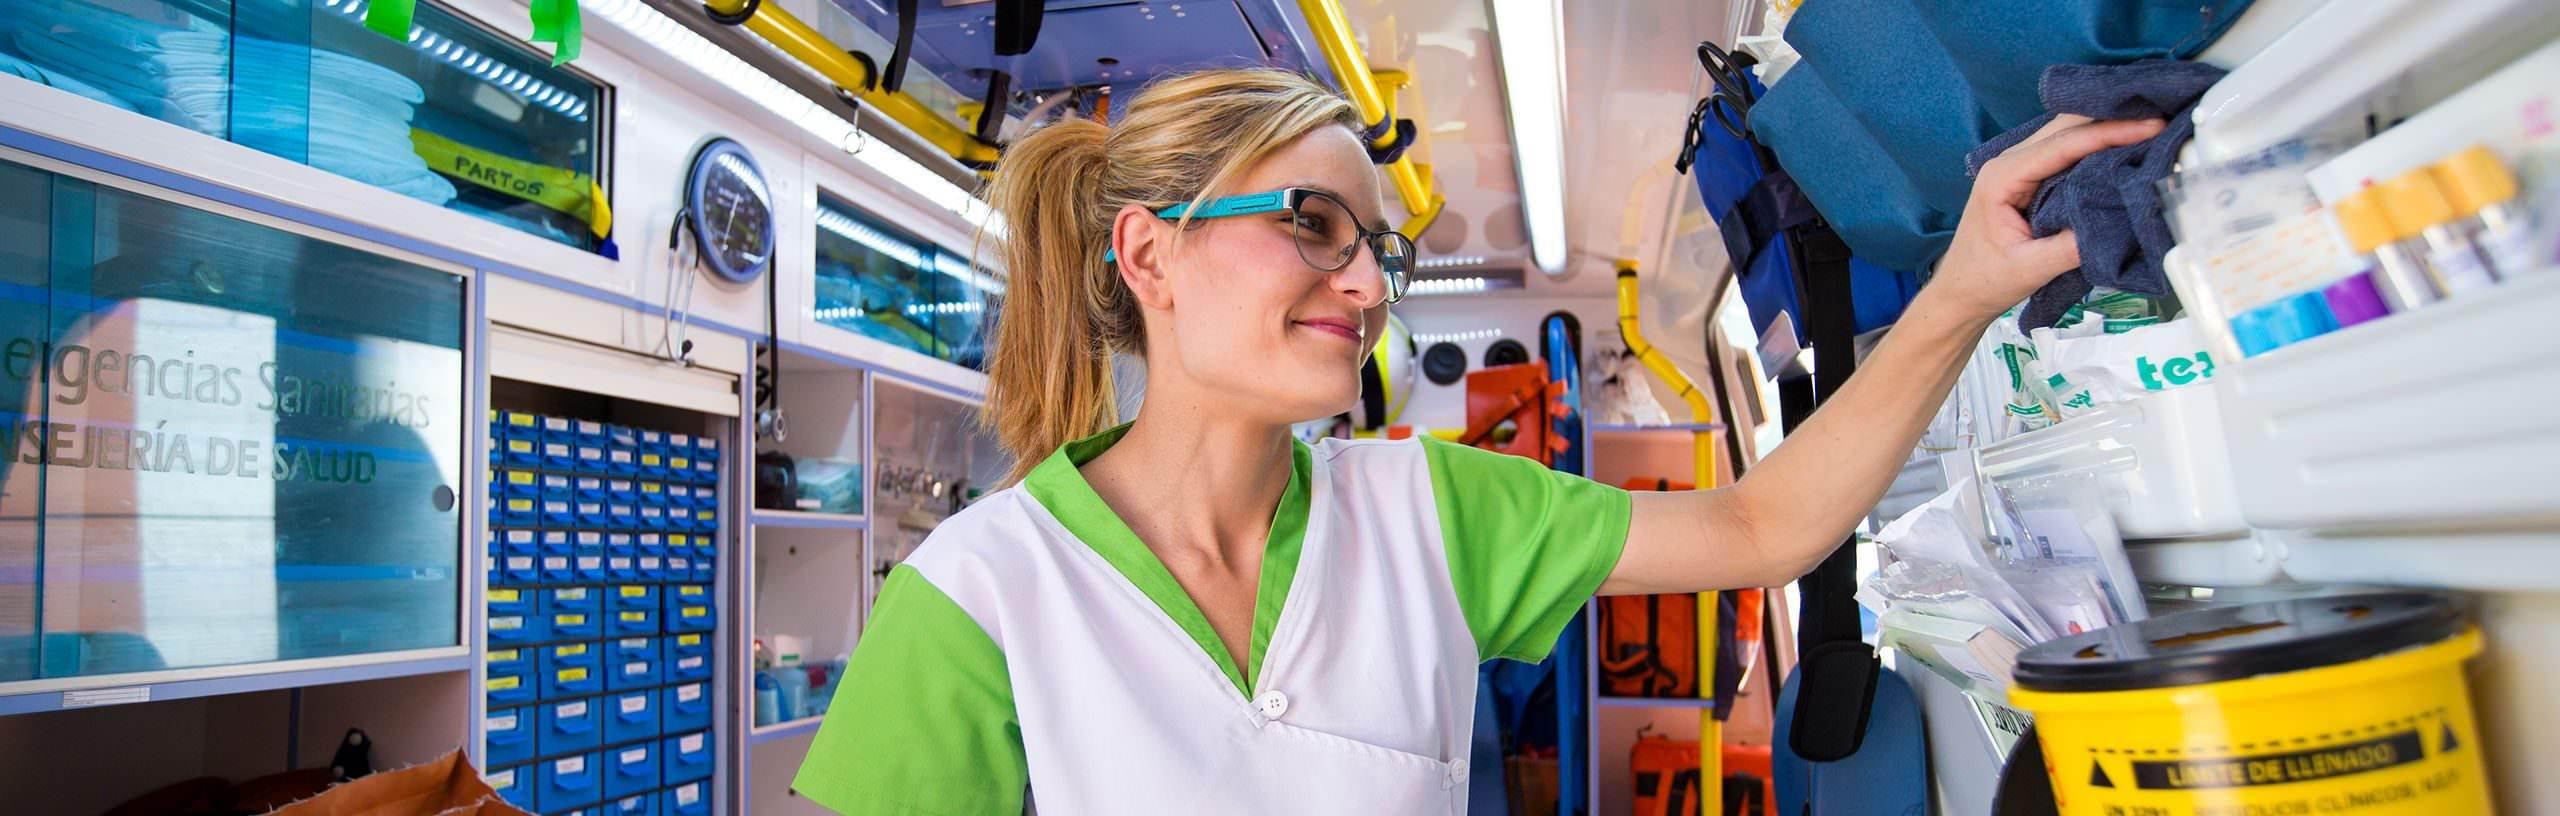 Limpiezas Castor. 5-1 Empresa de Limpieza Granada. Limpiezas Castor